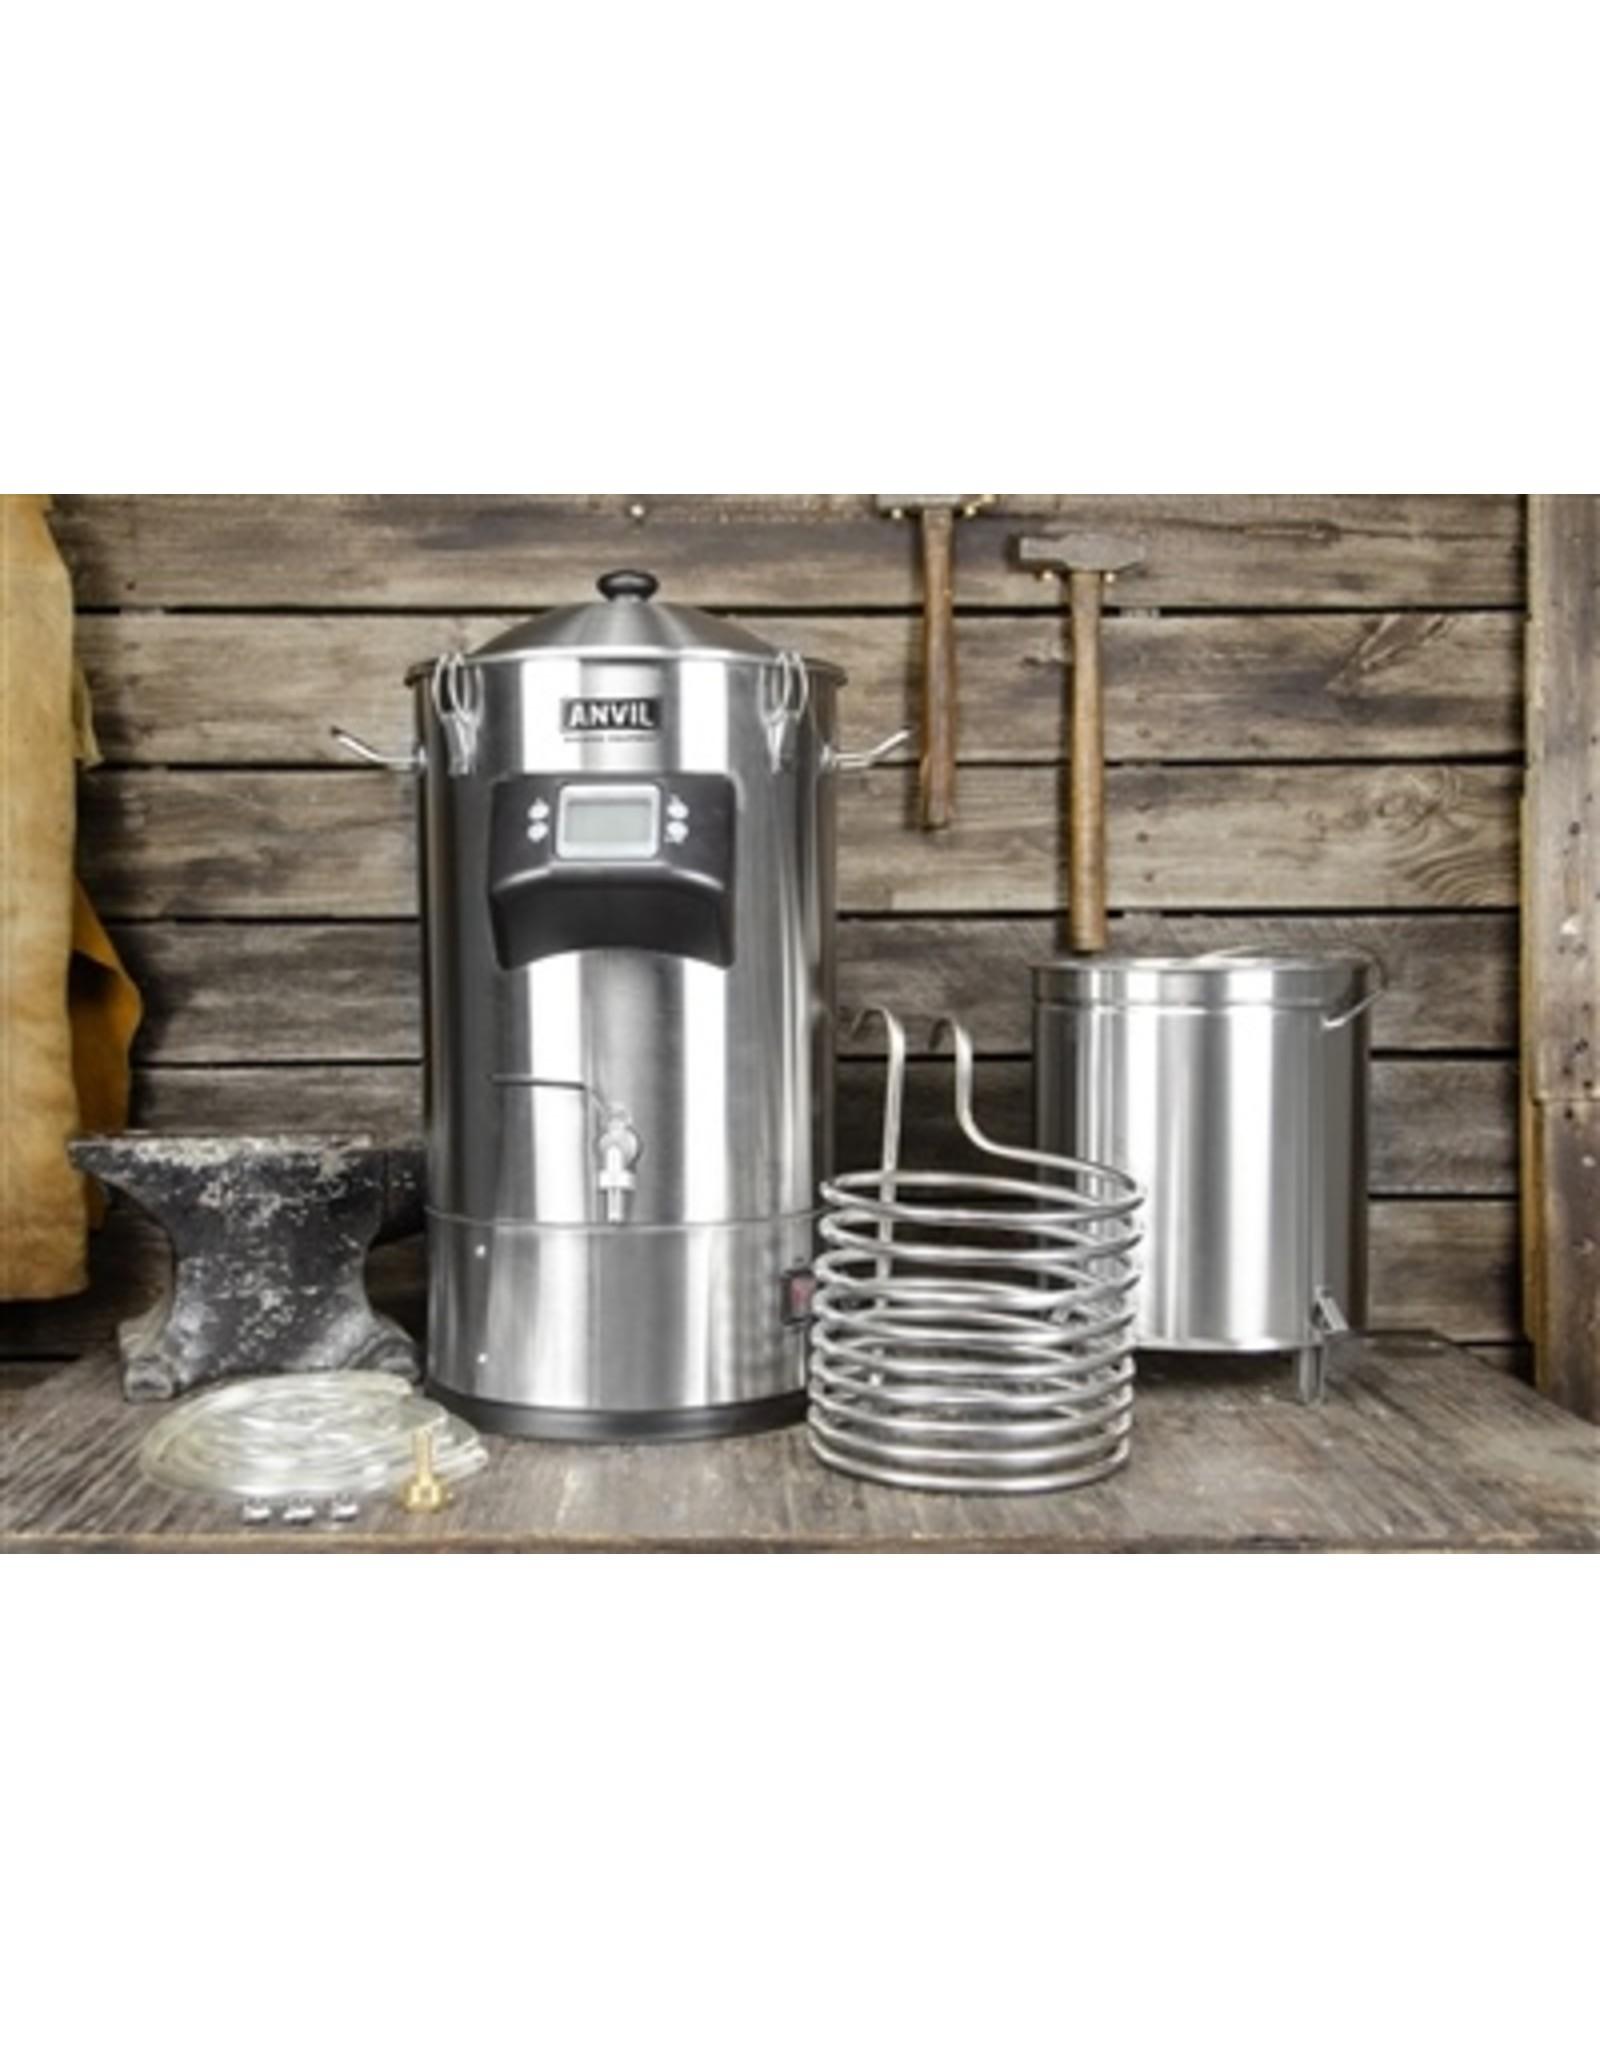 Anvil Anvil Foundry - 6.5 Gallon